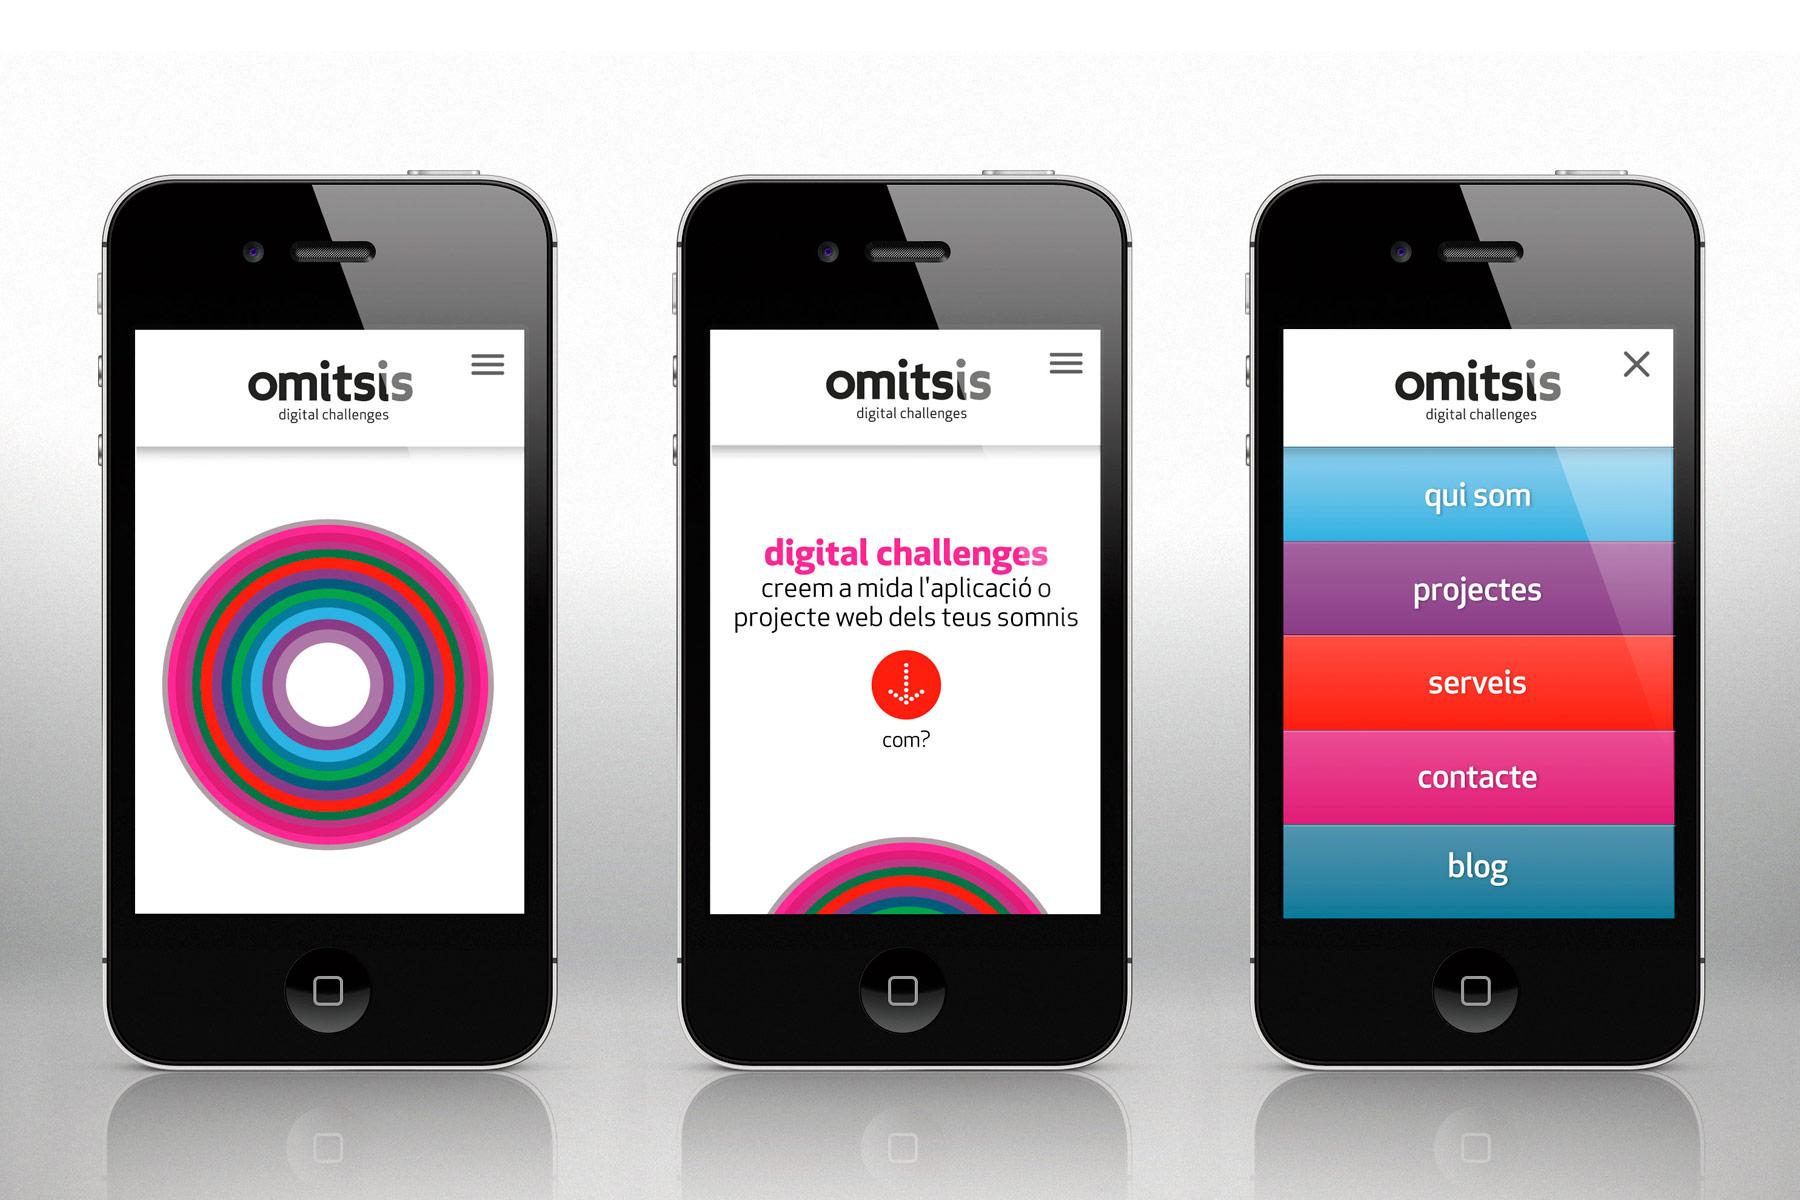 05omitsis-mobile